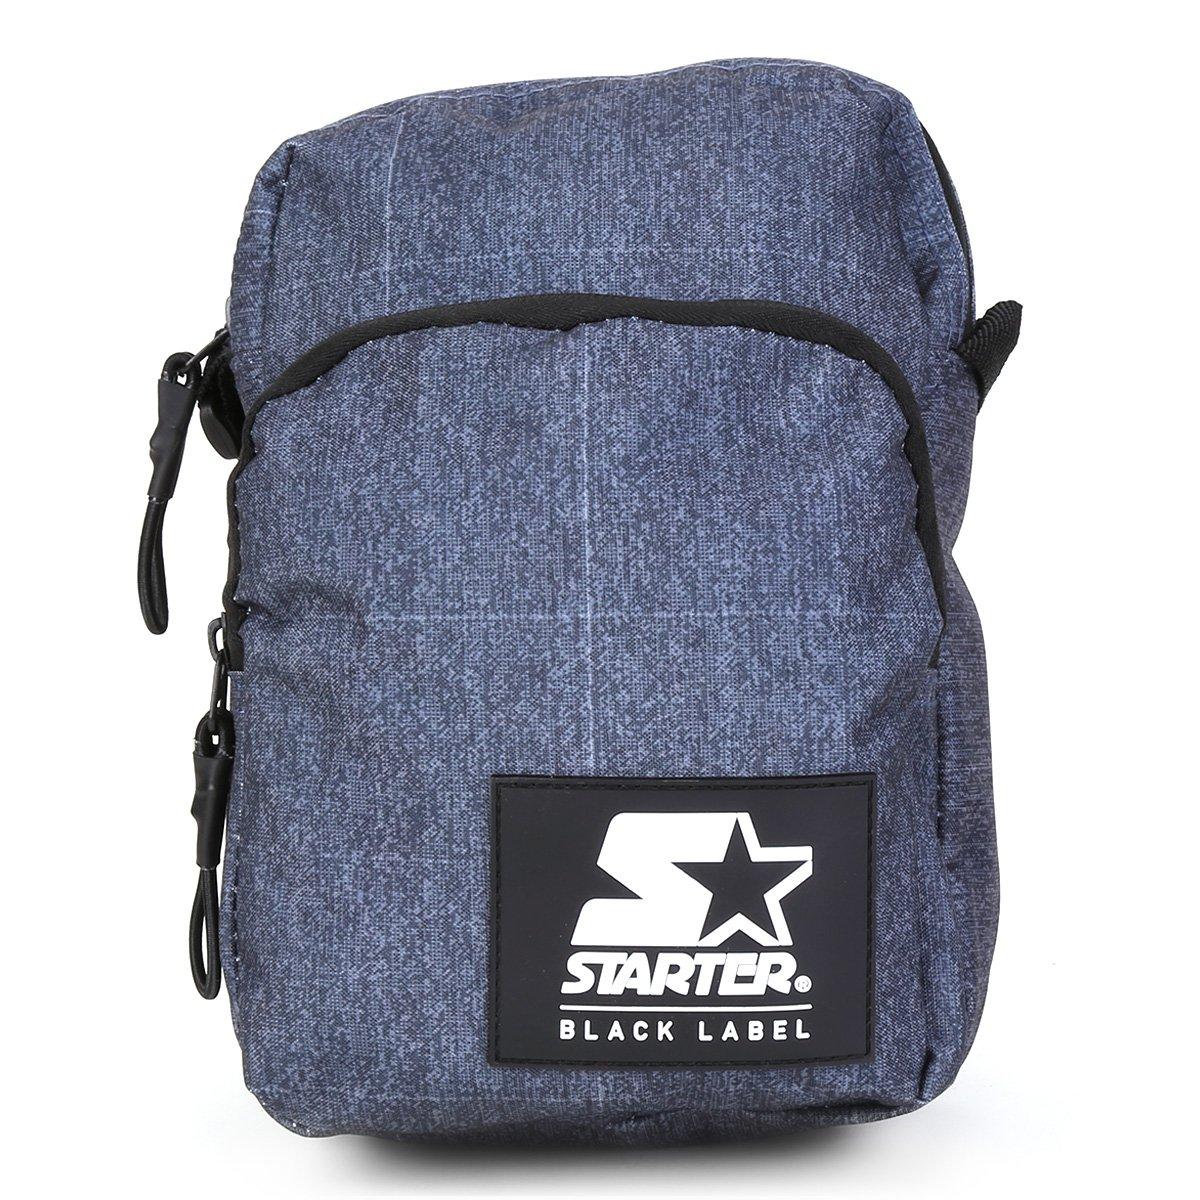 Shoulder Bag Starter Black Label